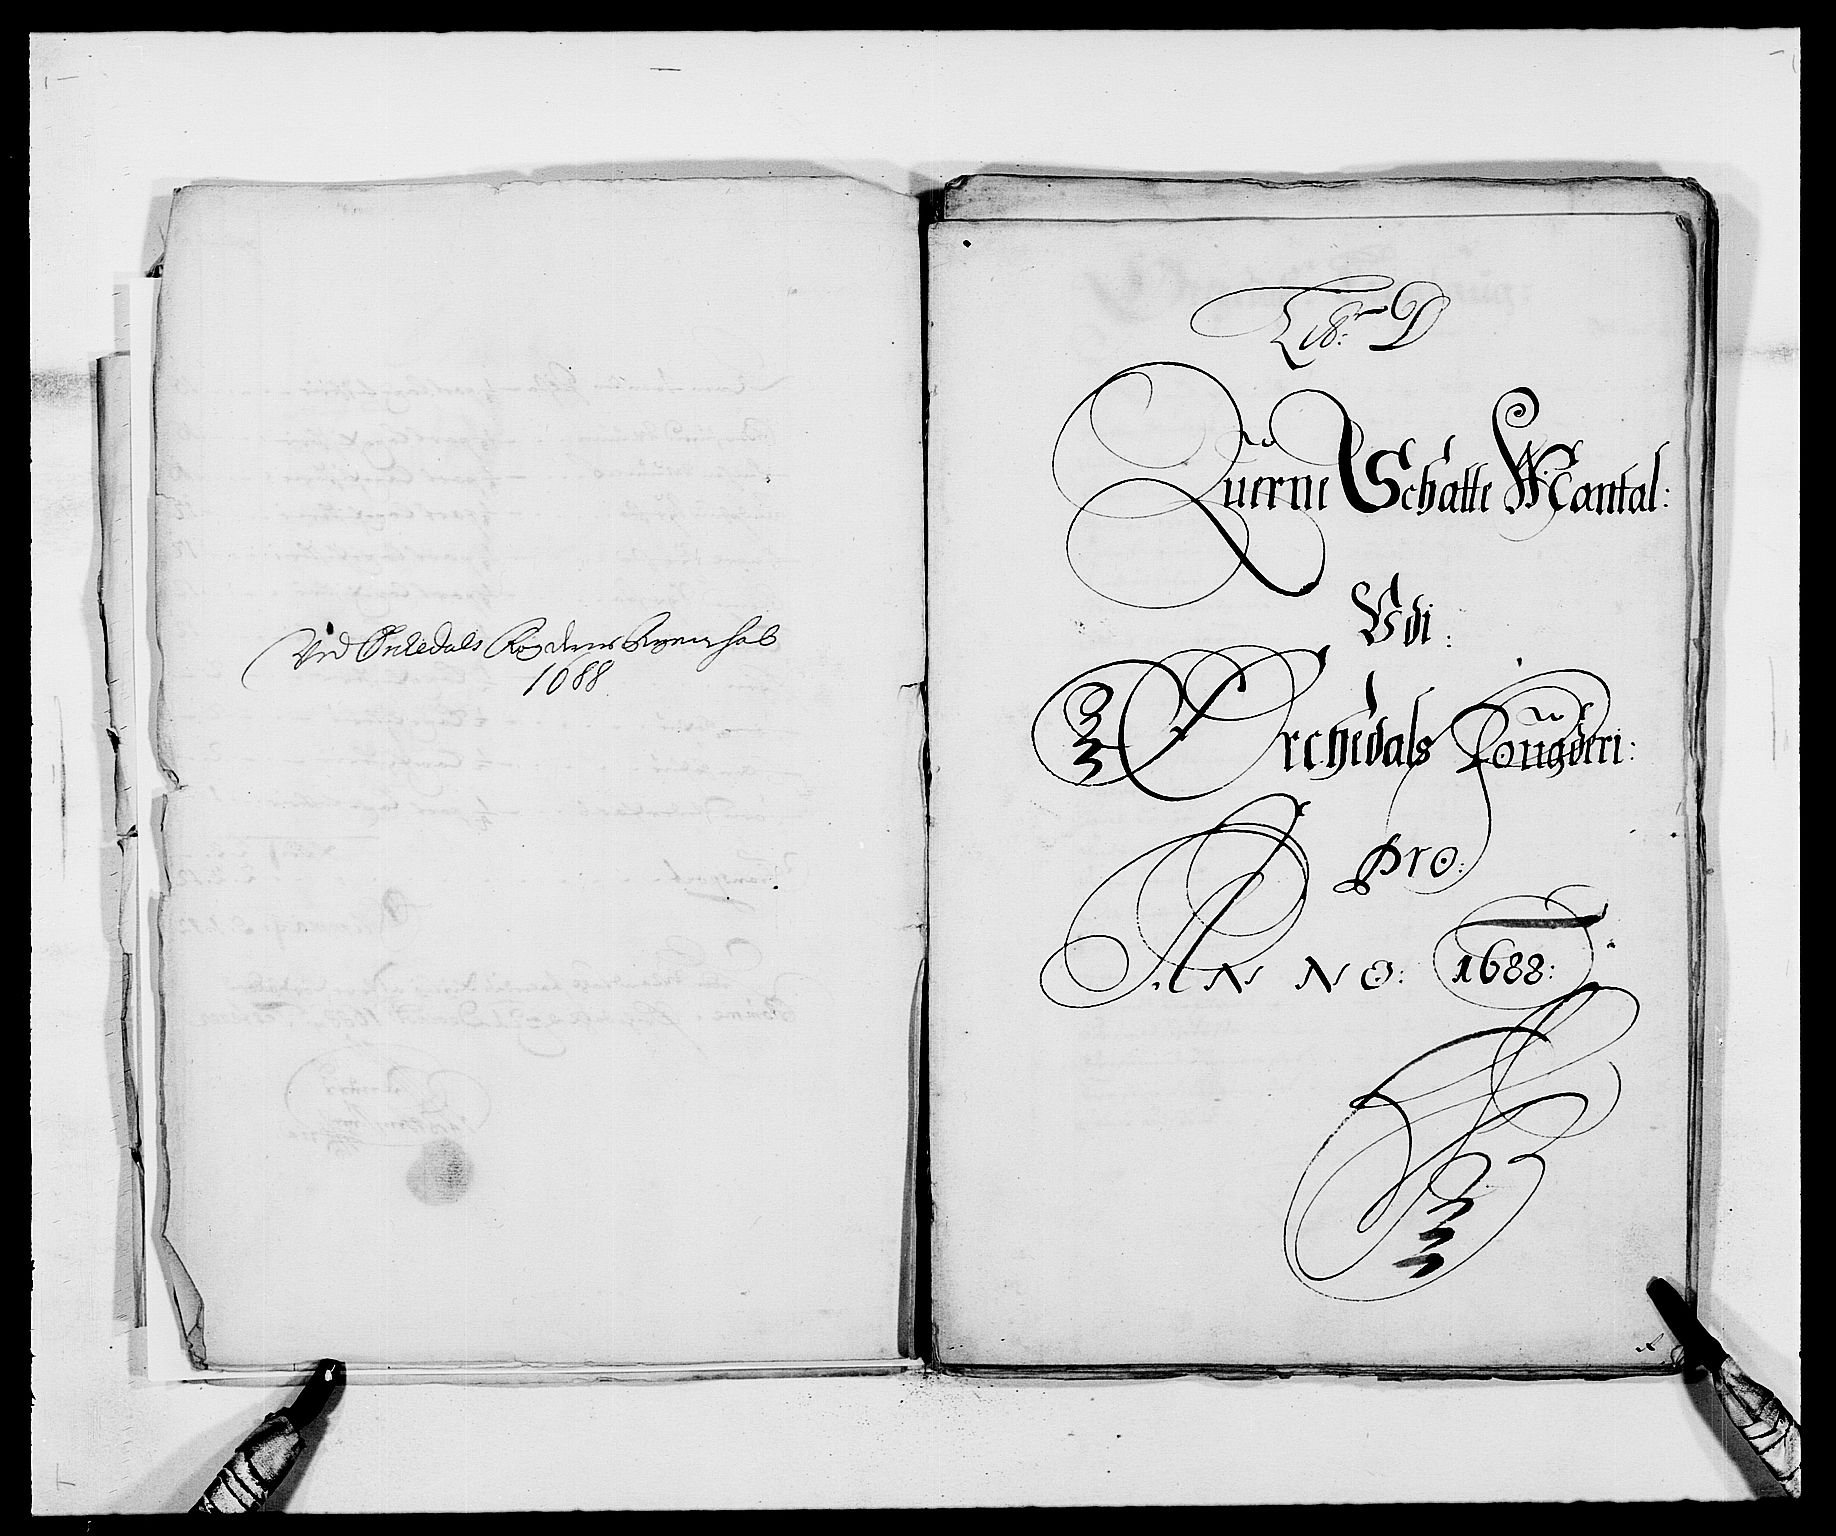 RA, Rentekammeret inntil 1814, Reviderte regnskaper, Fogderegnskap, R58/L3935: Fogderegnskap Orkdal, 1687-1688, s. 259